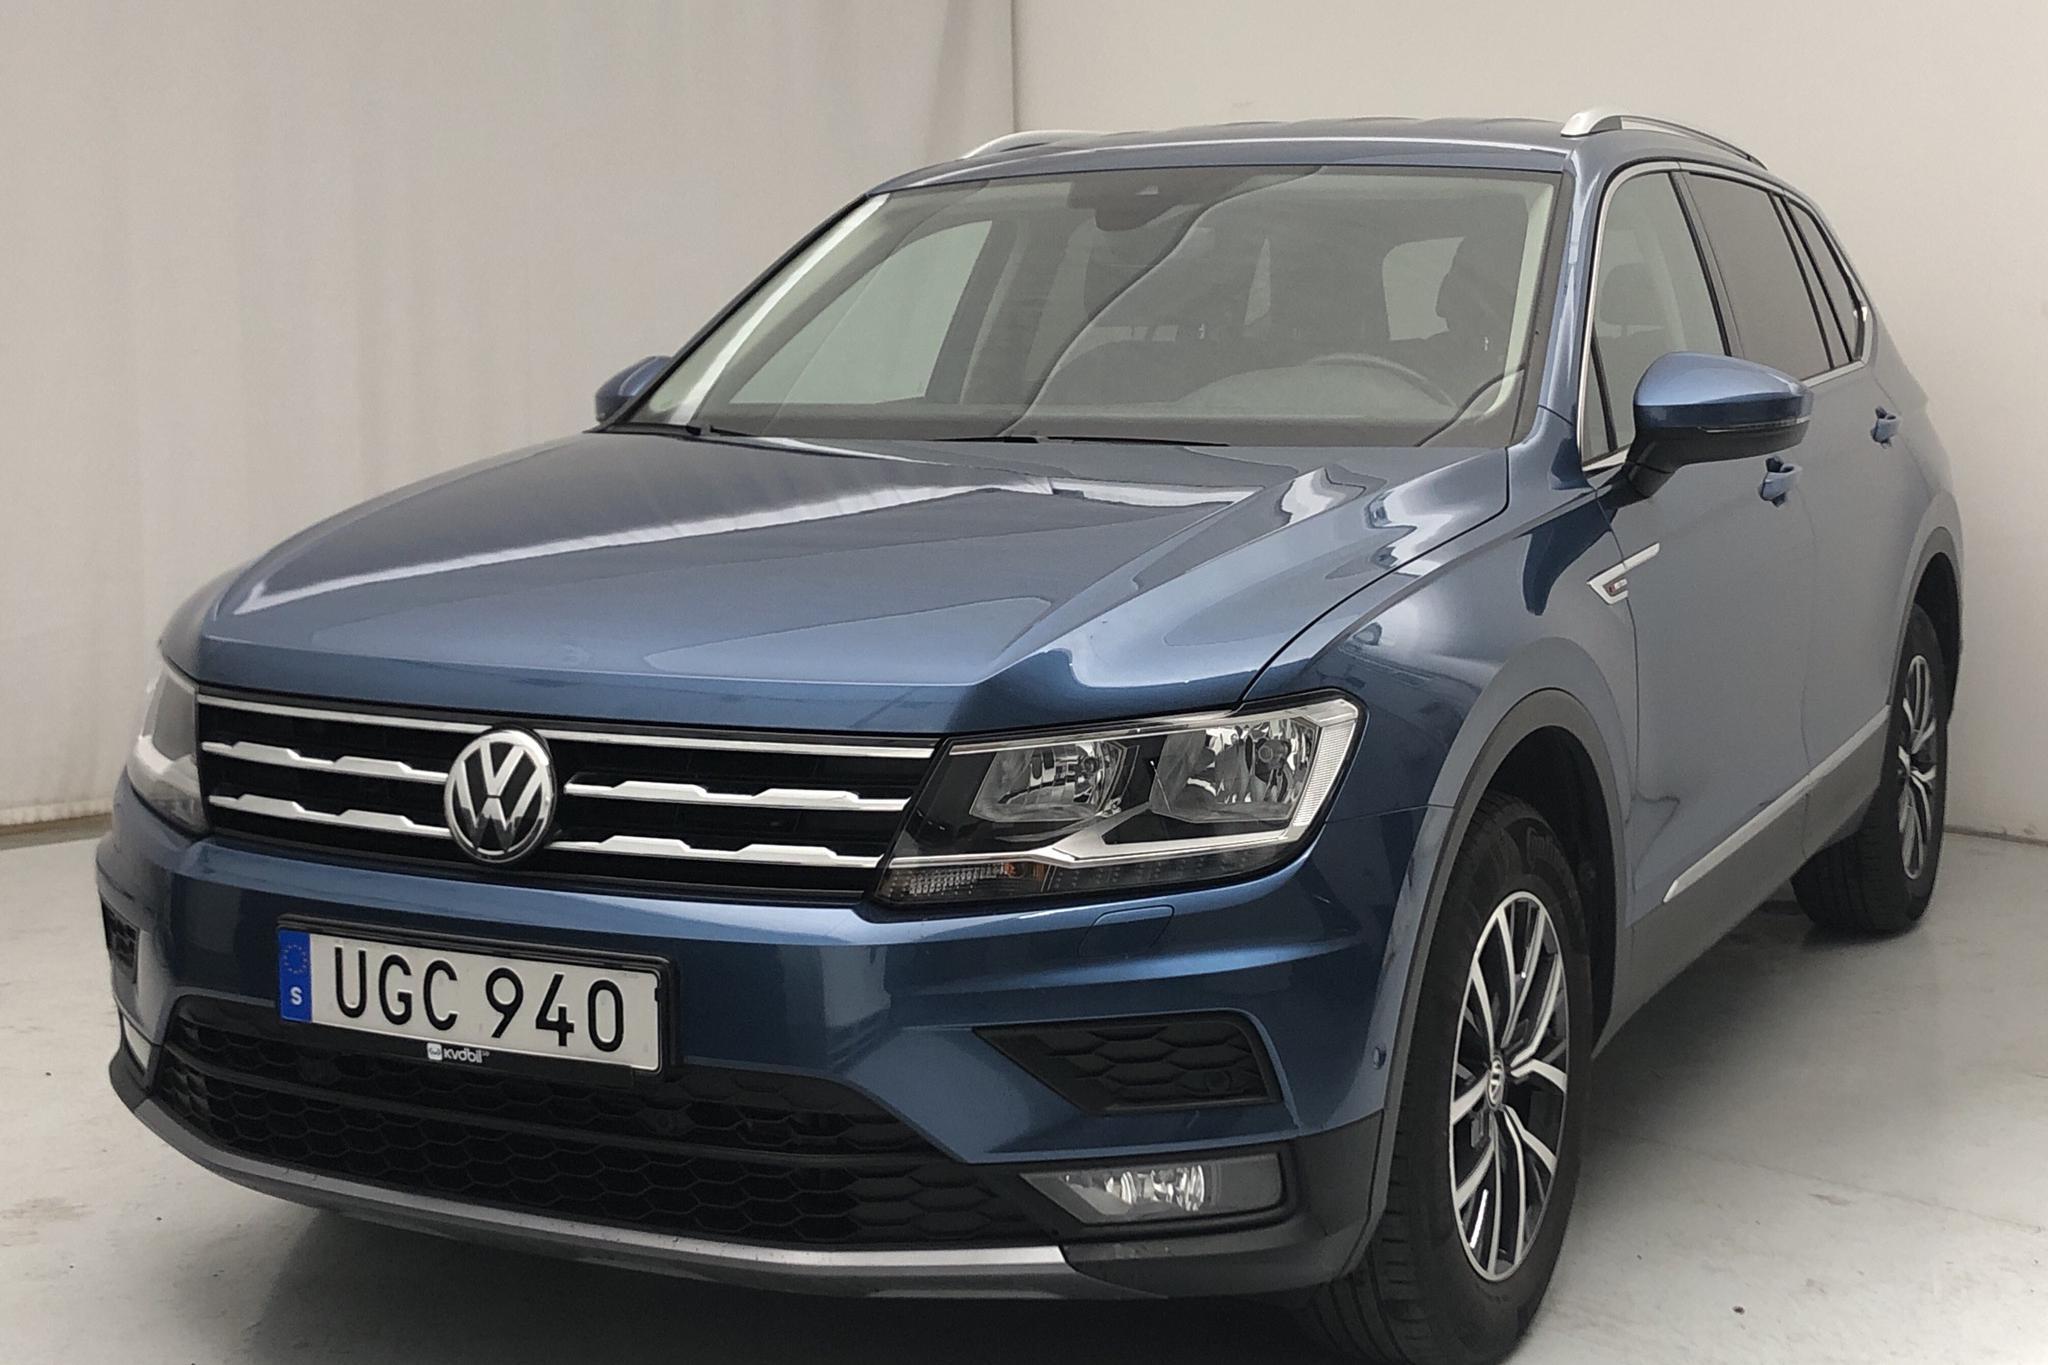 VW Tiguan Allspace 2.0 TDI 4MOTION (150hk)